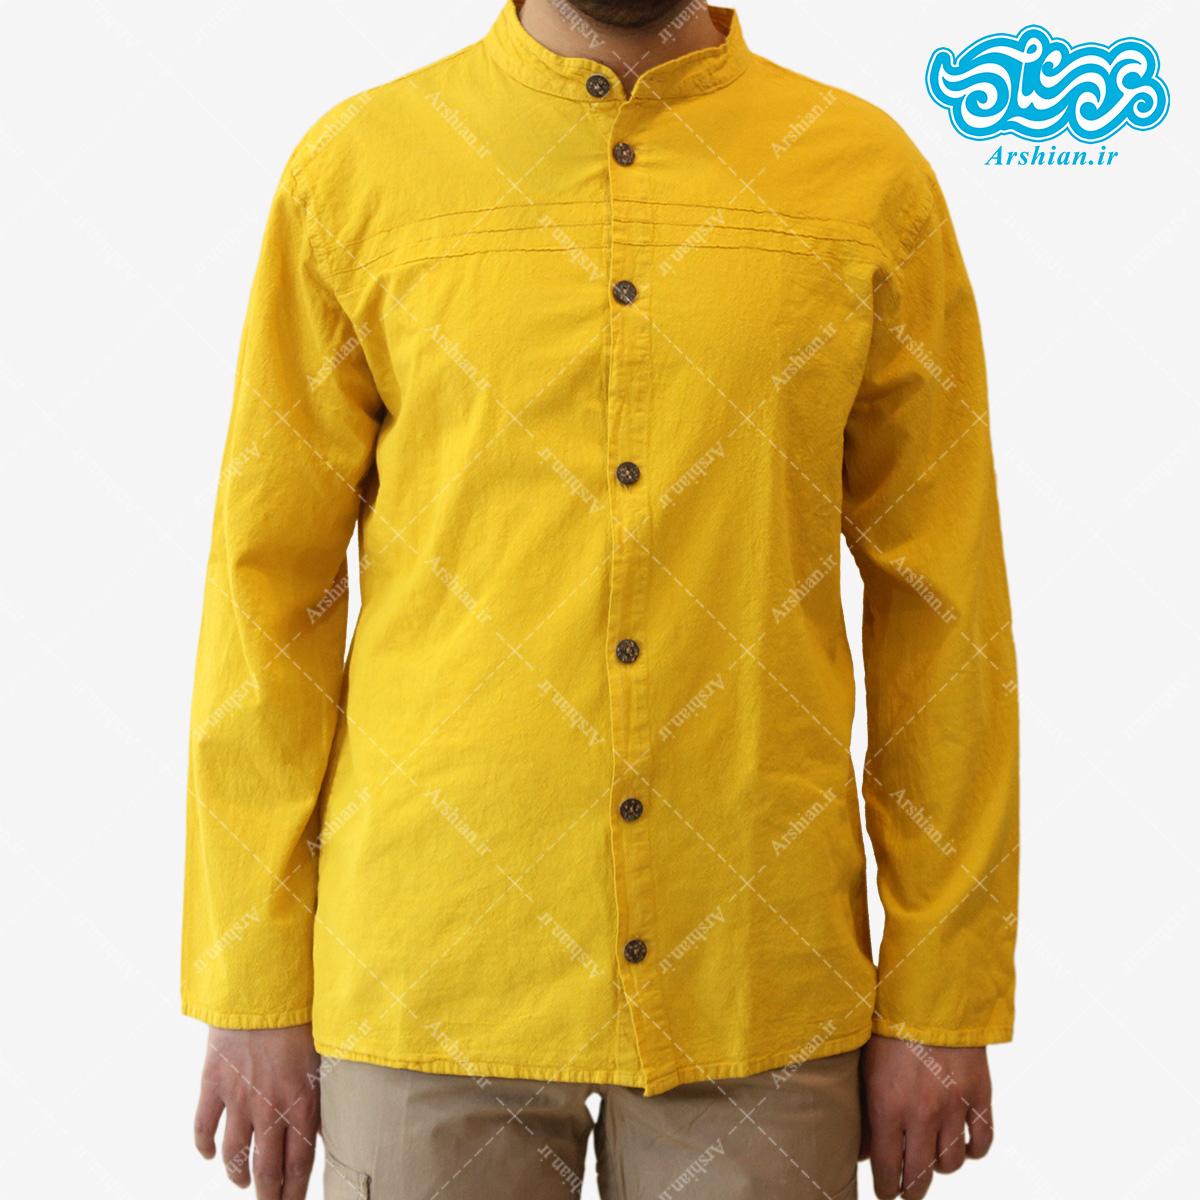 پیراهن الیاف طبیعی طرح تمام دکمه مدل z001